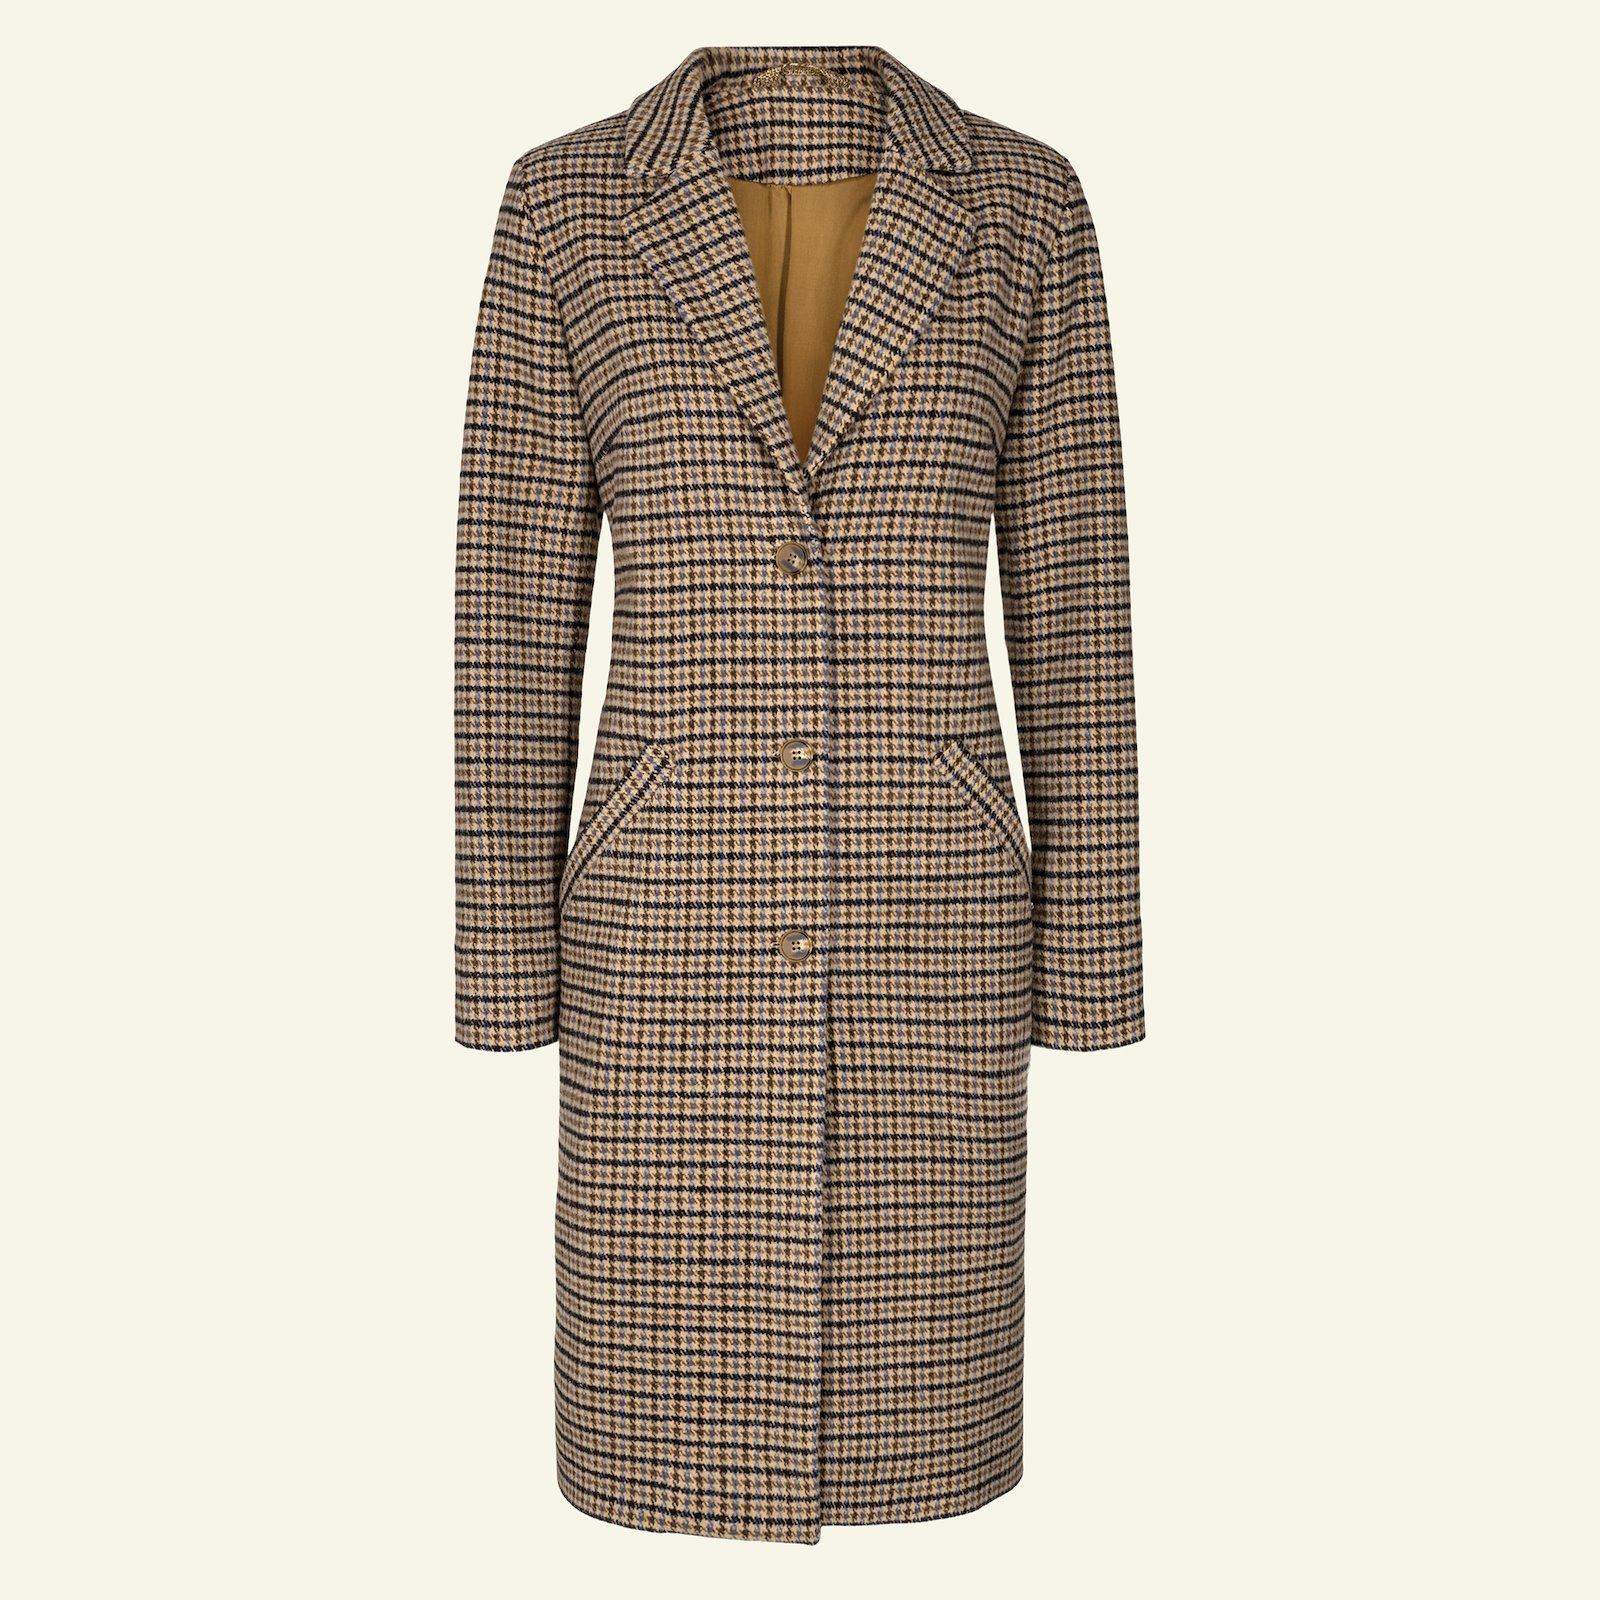 Long coat, 44/16 p24041_300212_5016_40239_21418_sskit